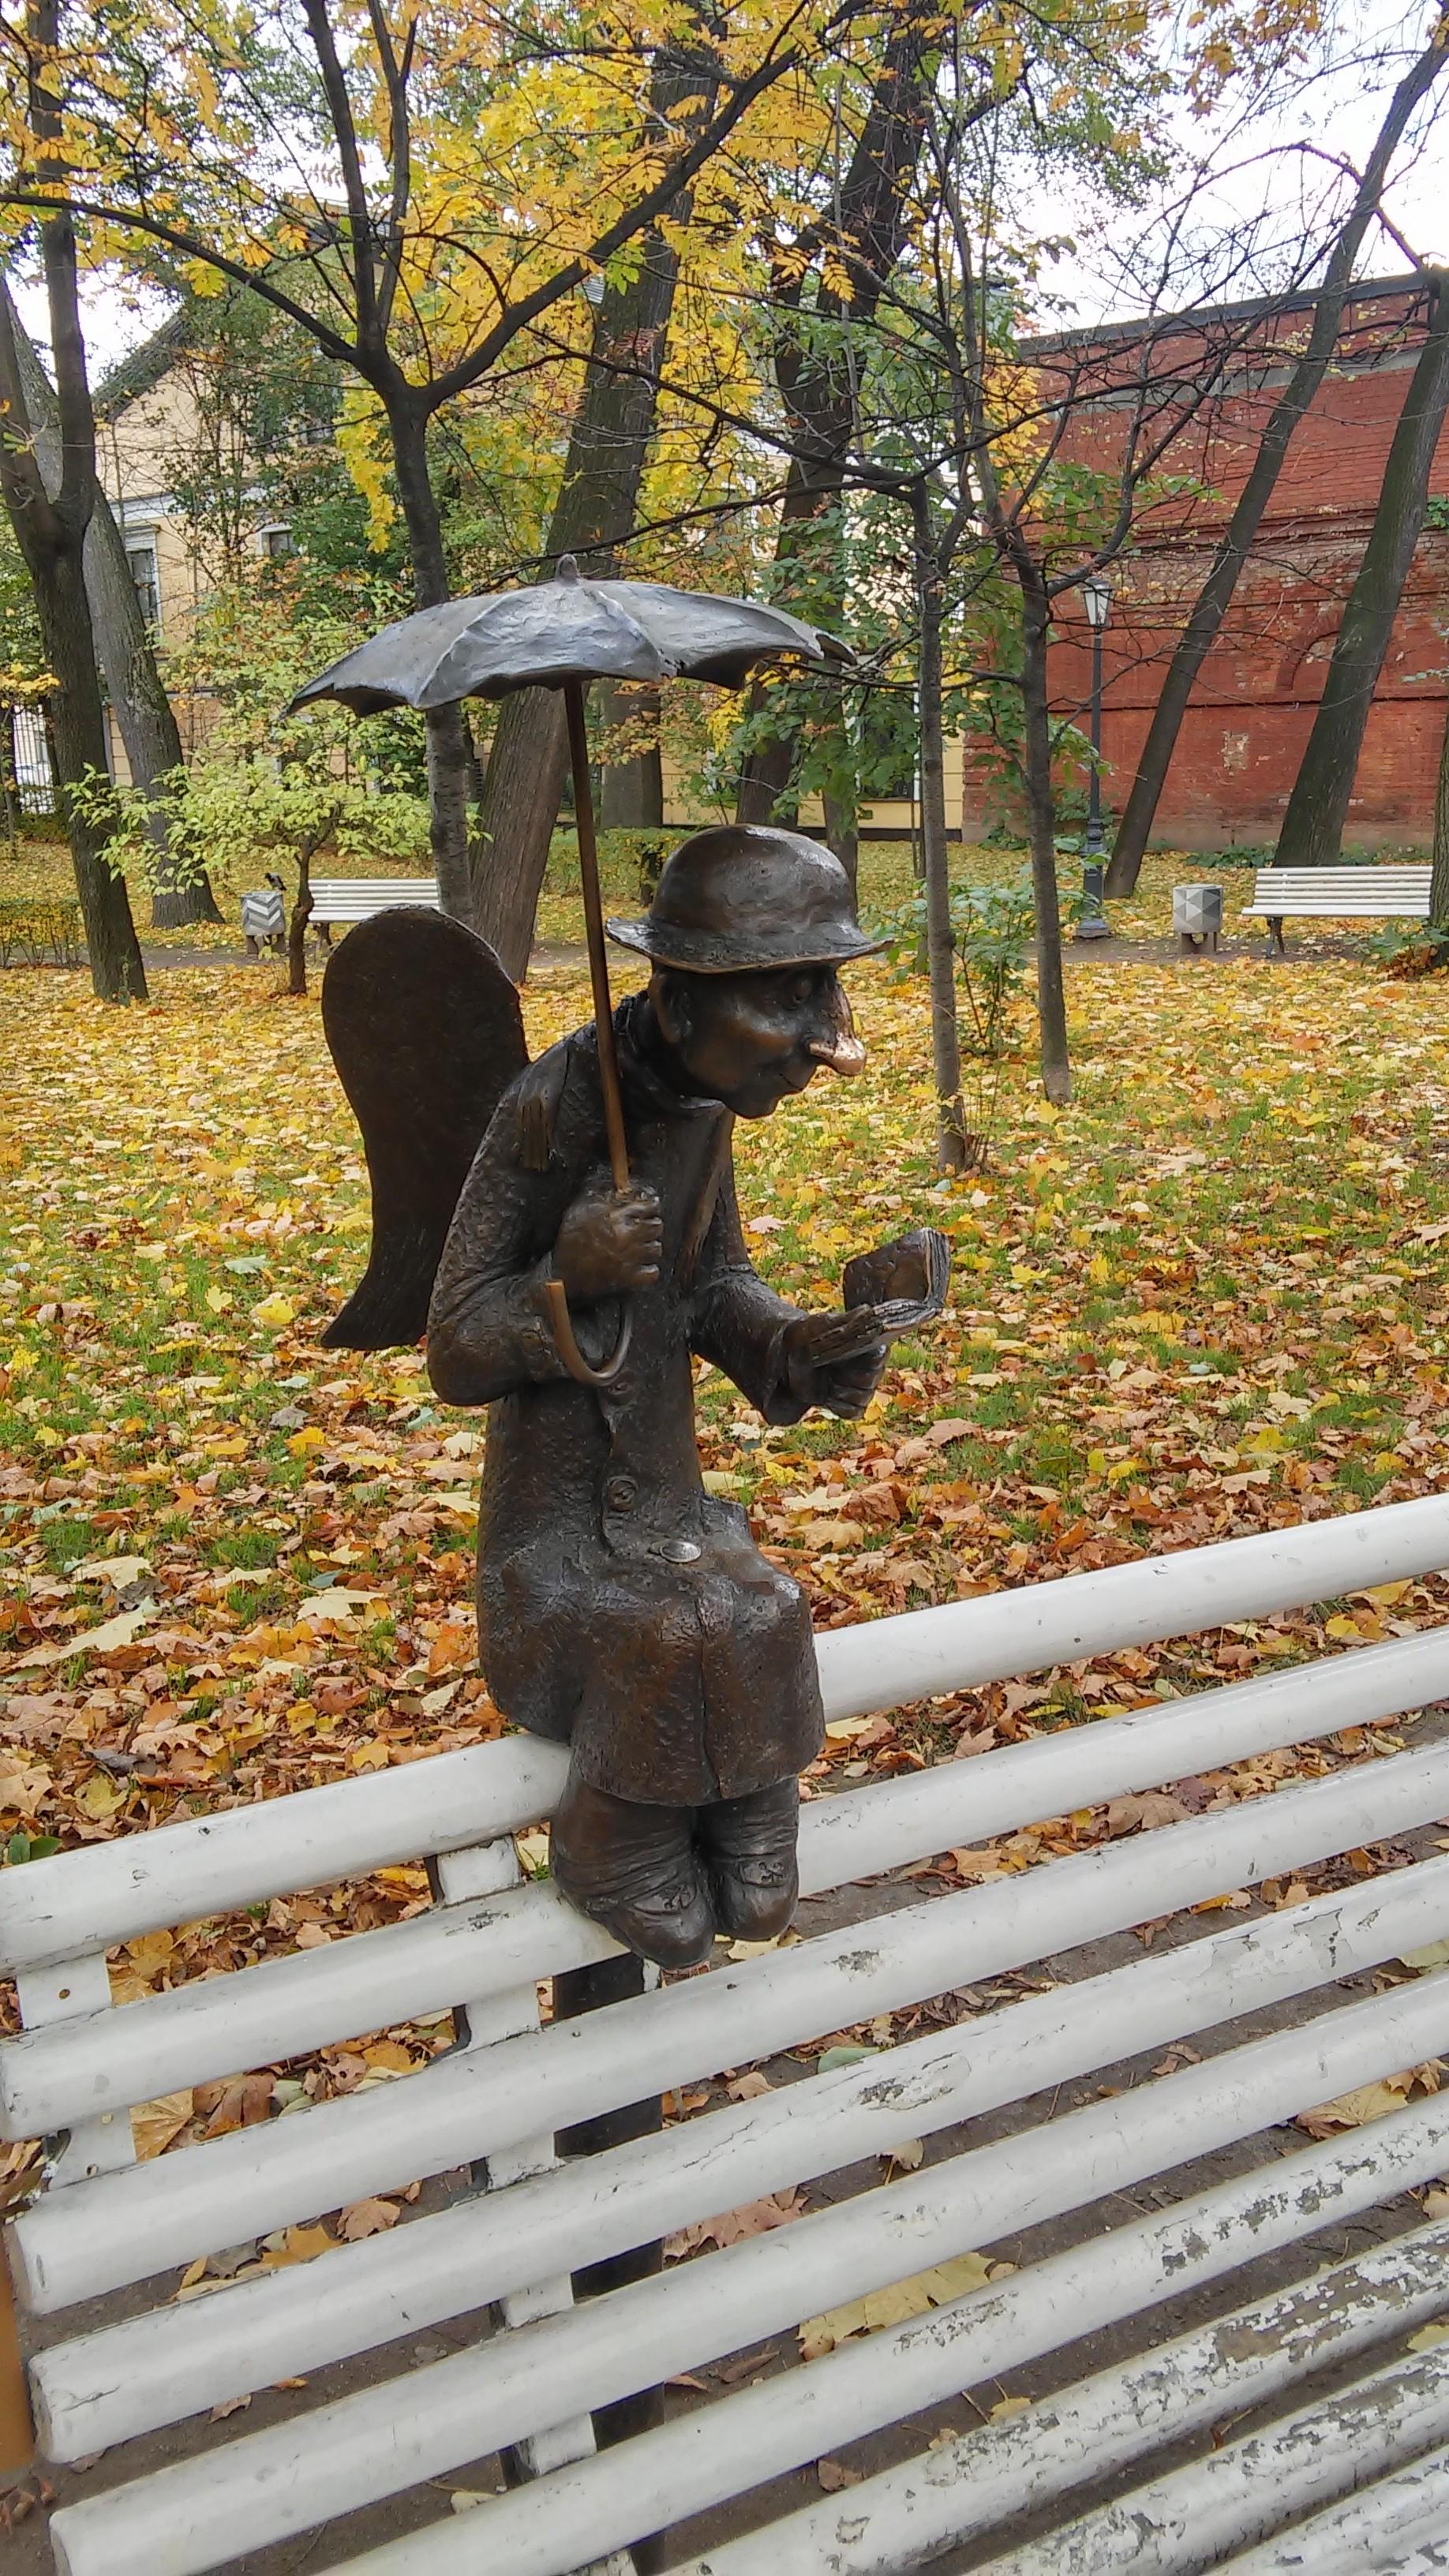 Петербургский ангел в осеннем Измайловском саду. Блиц: осенний пейзаж